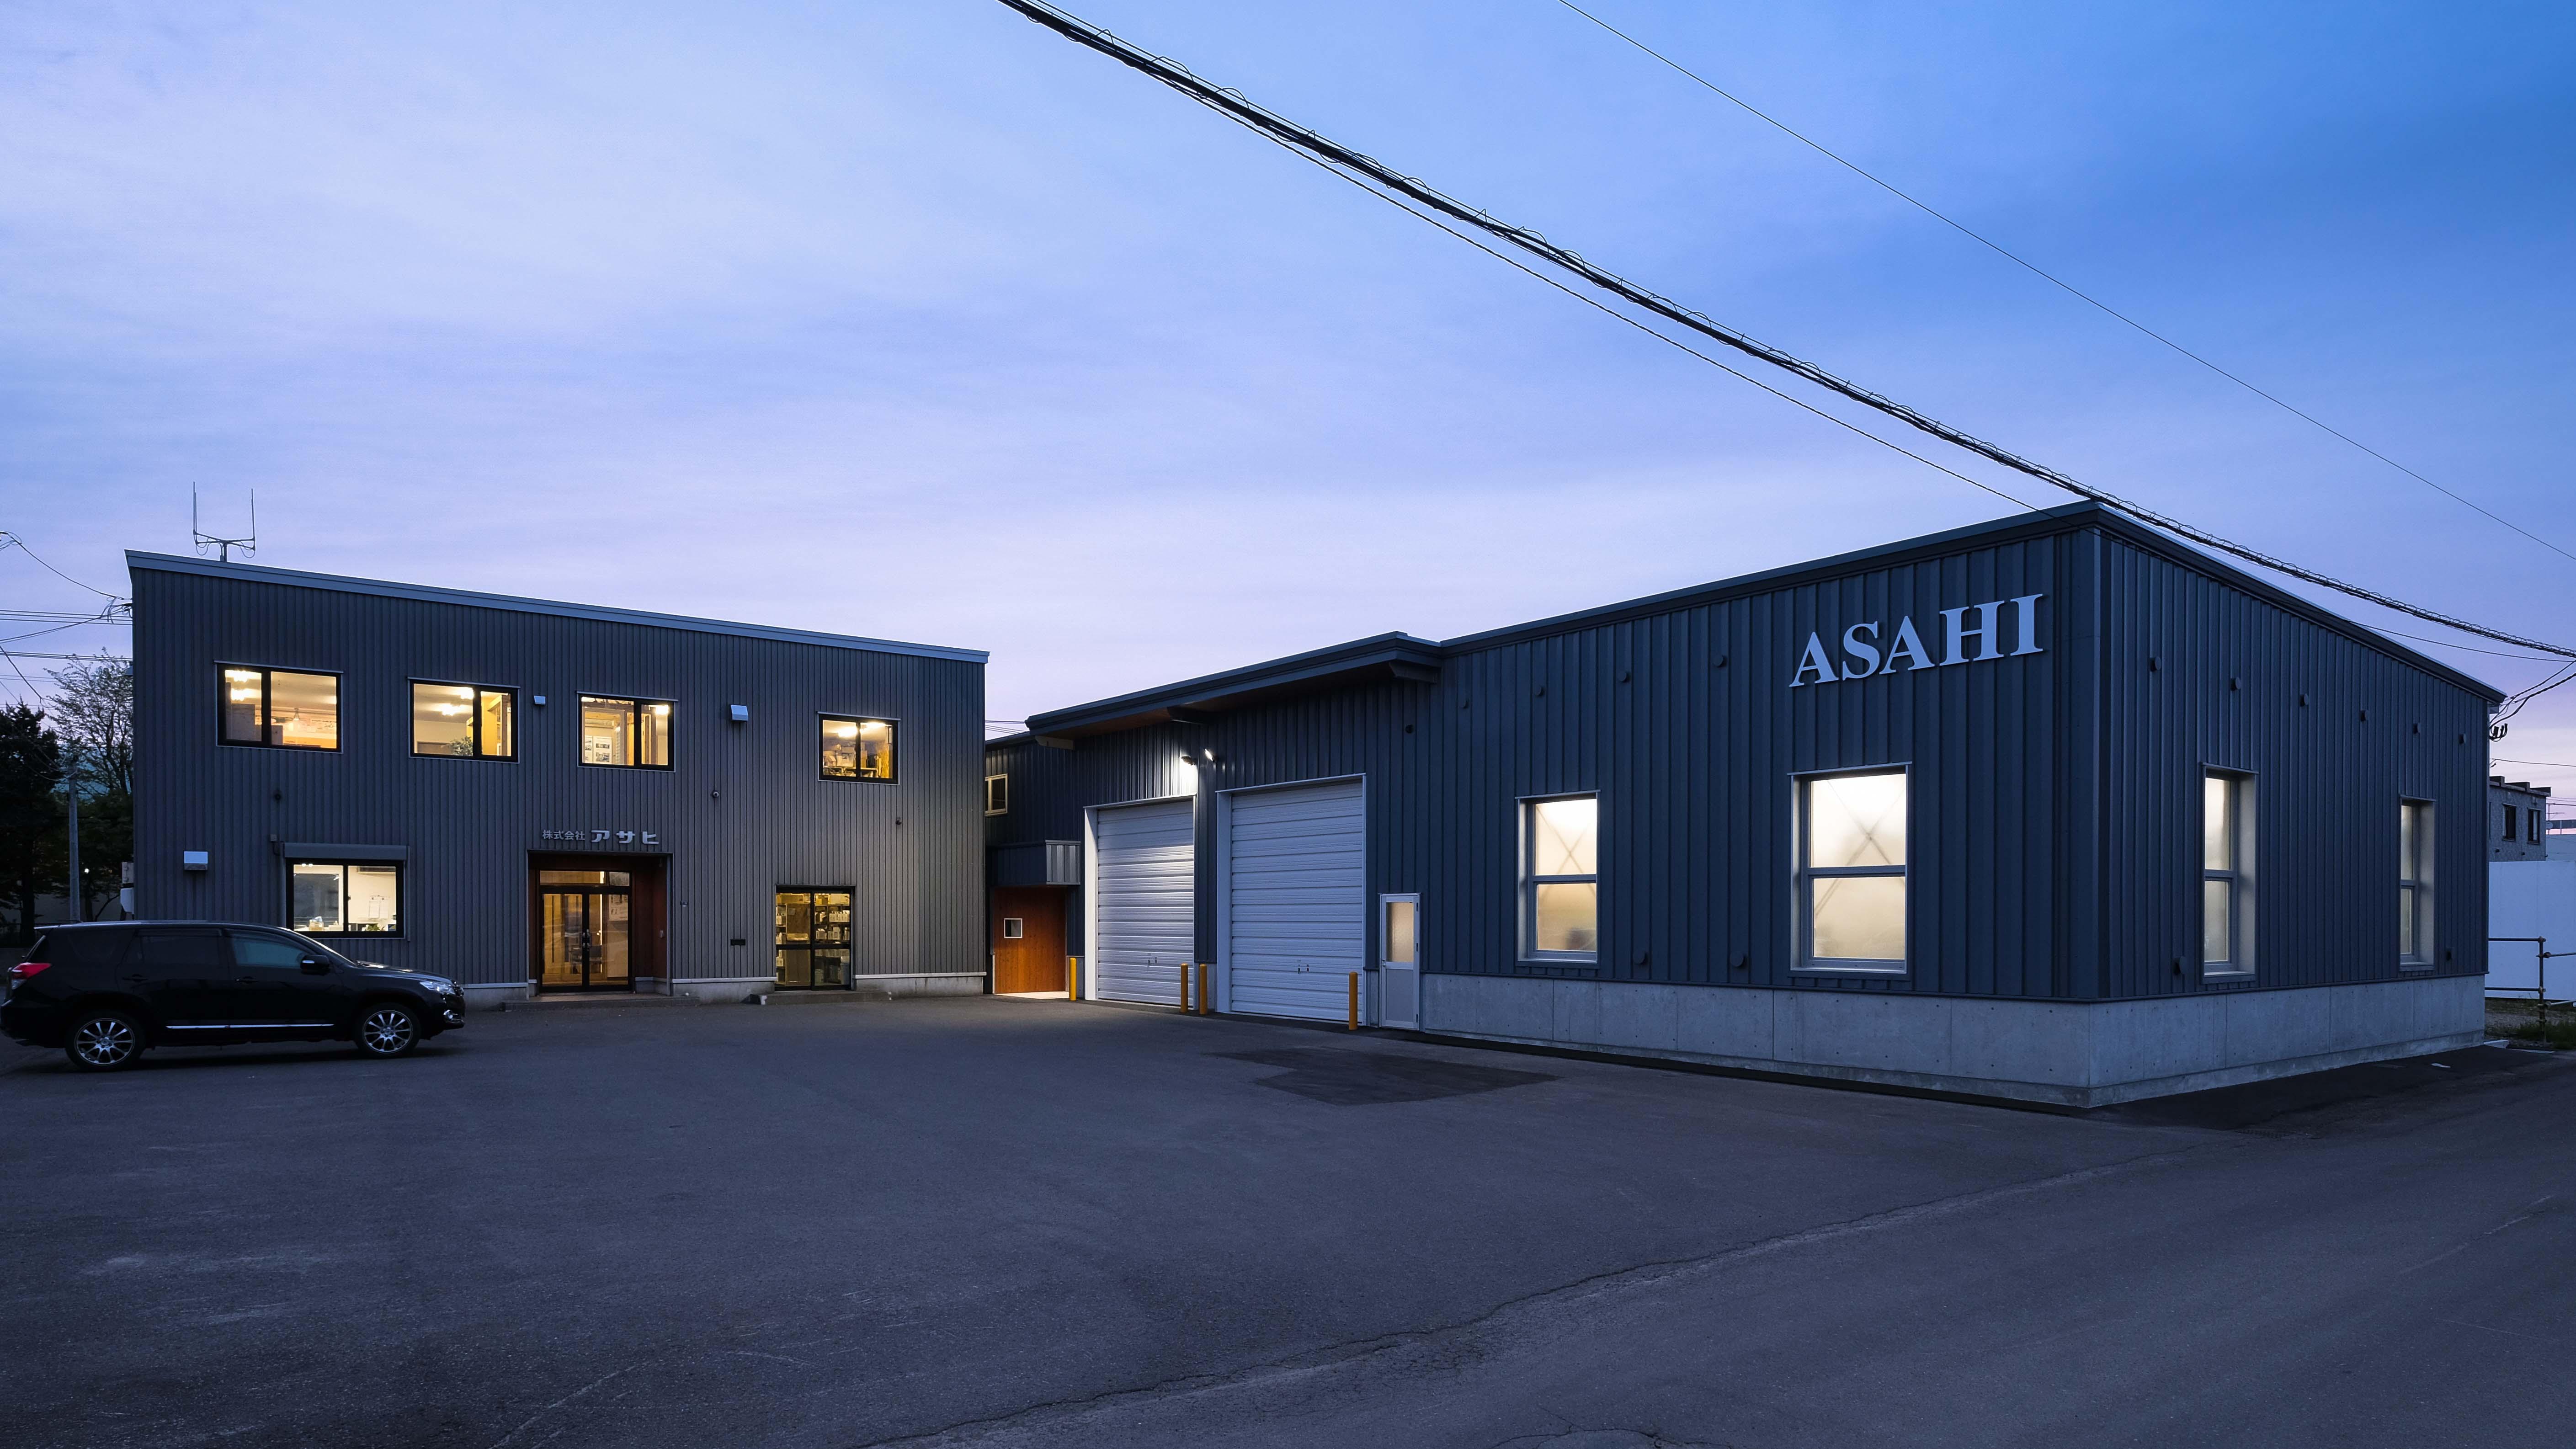 ㈱アサヒ倉庫が横河システム建築札幌エリアのグッドデザイン賞を頂きました